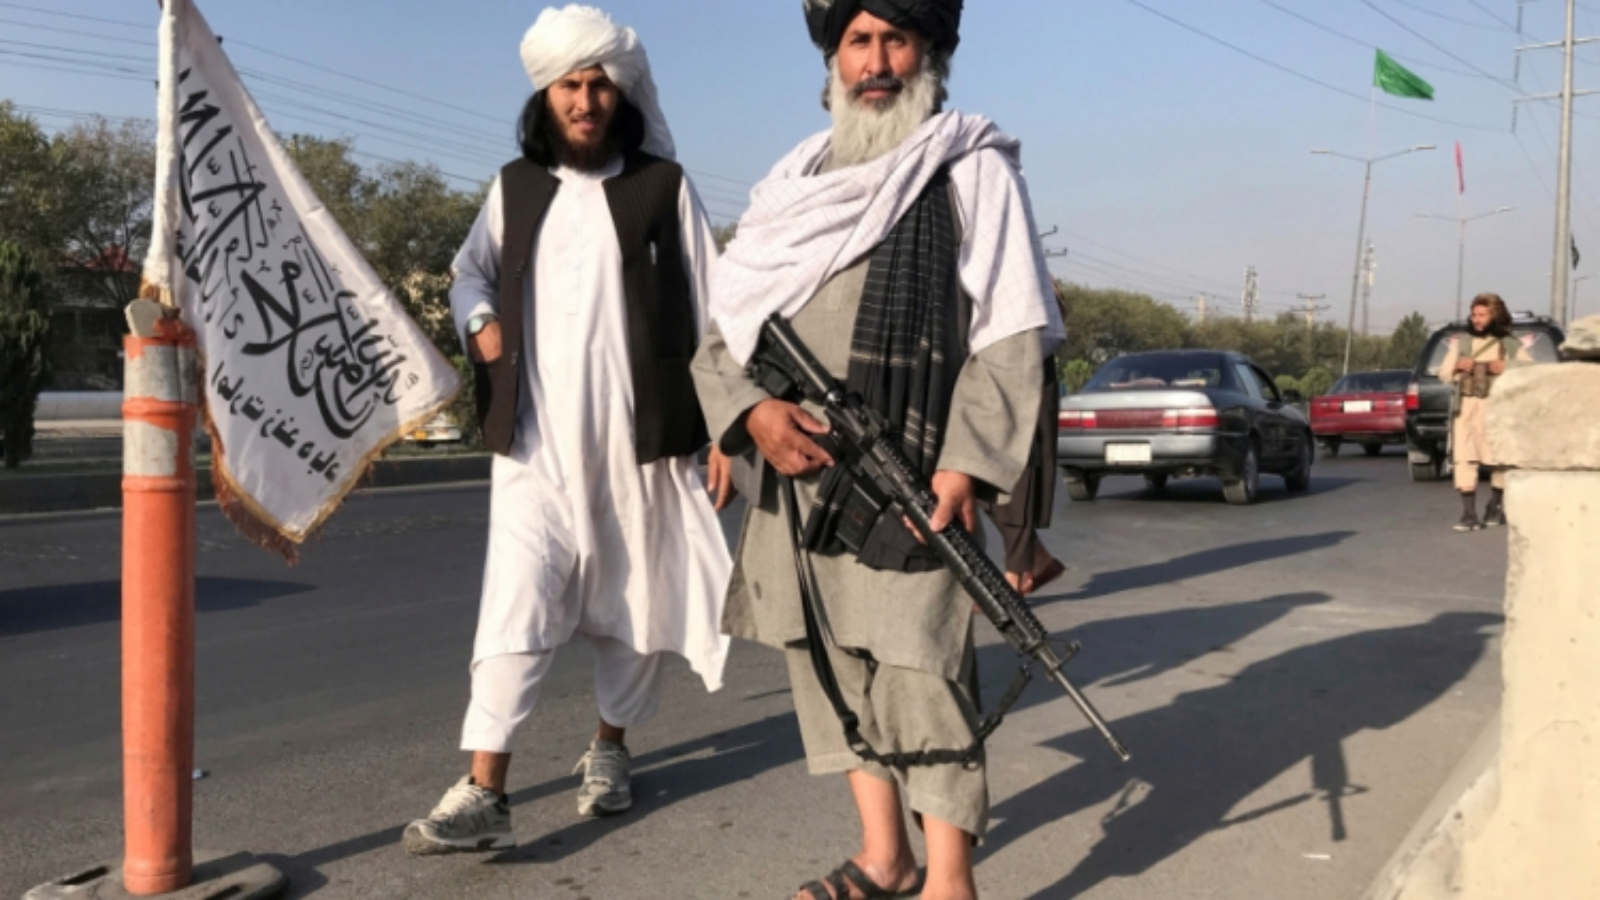 Khát khao tài chính và sự hợp pháp, Taliban thúc đẩy thỏa thuận chính trị với phe đối đầu